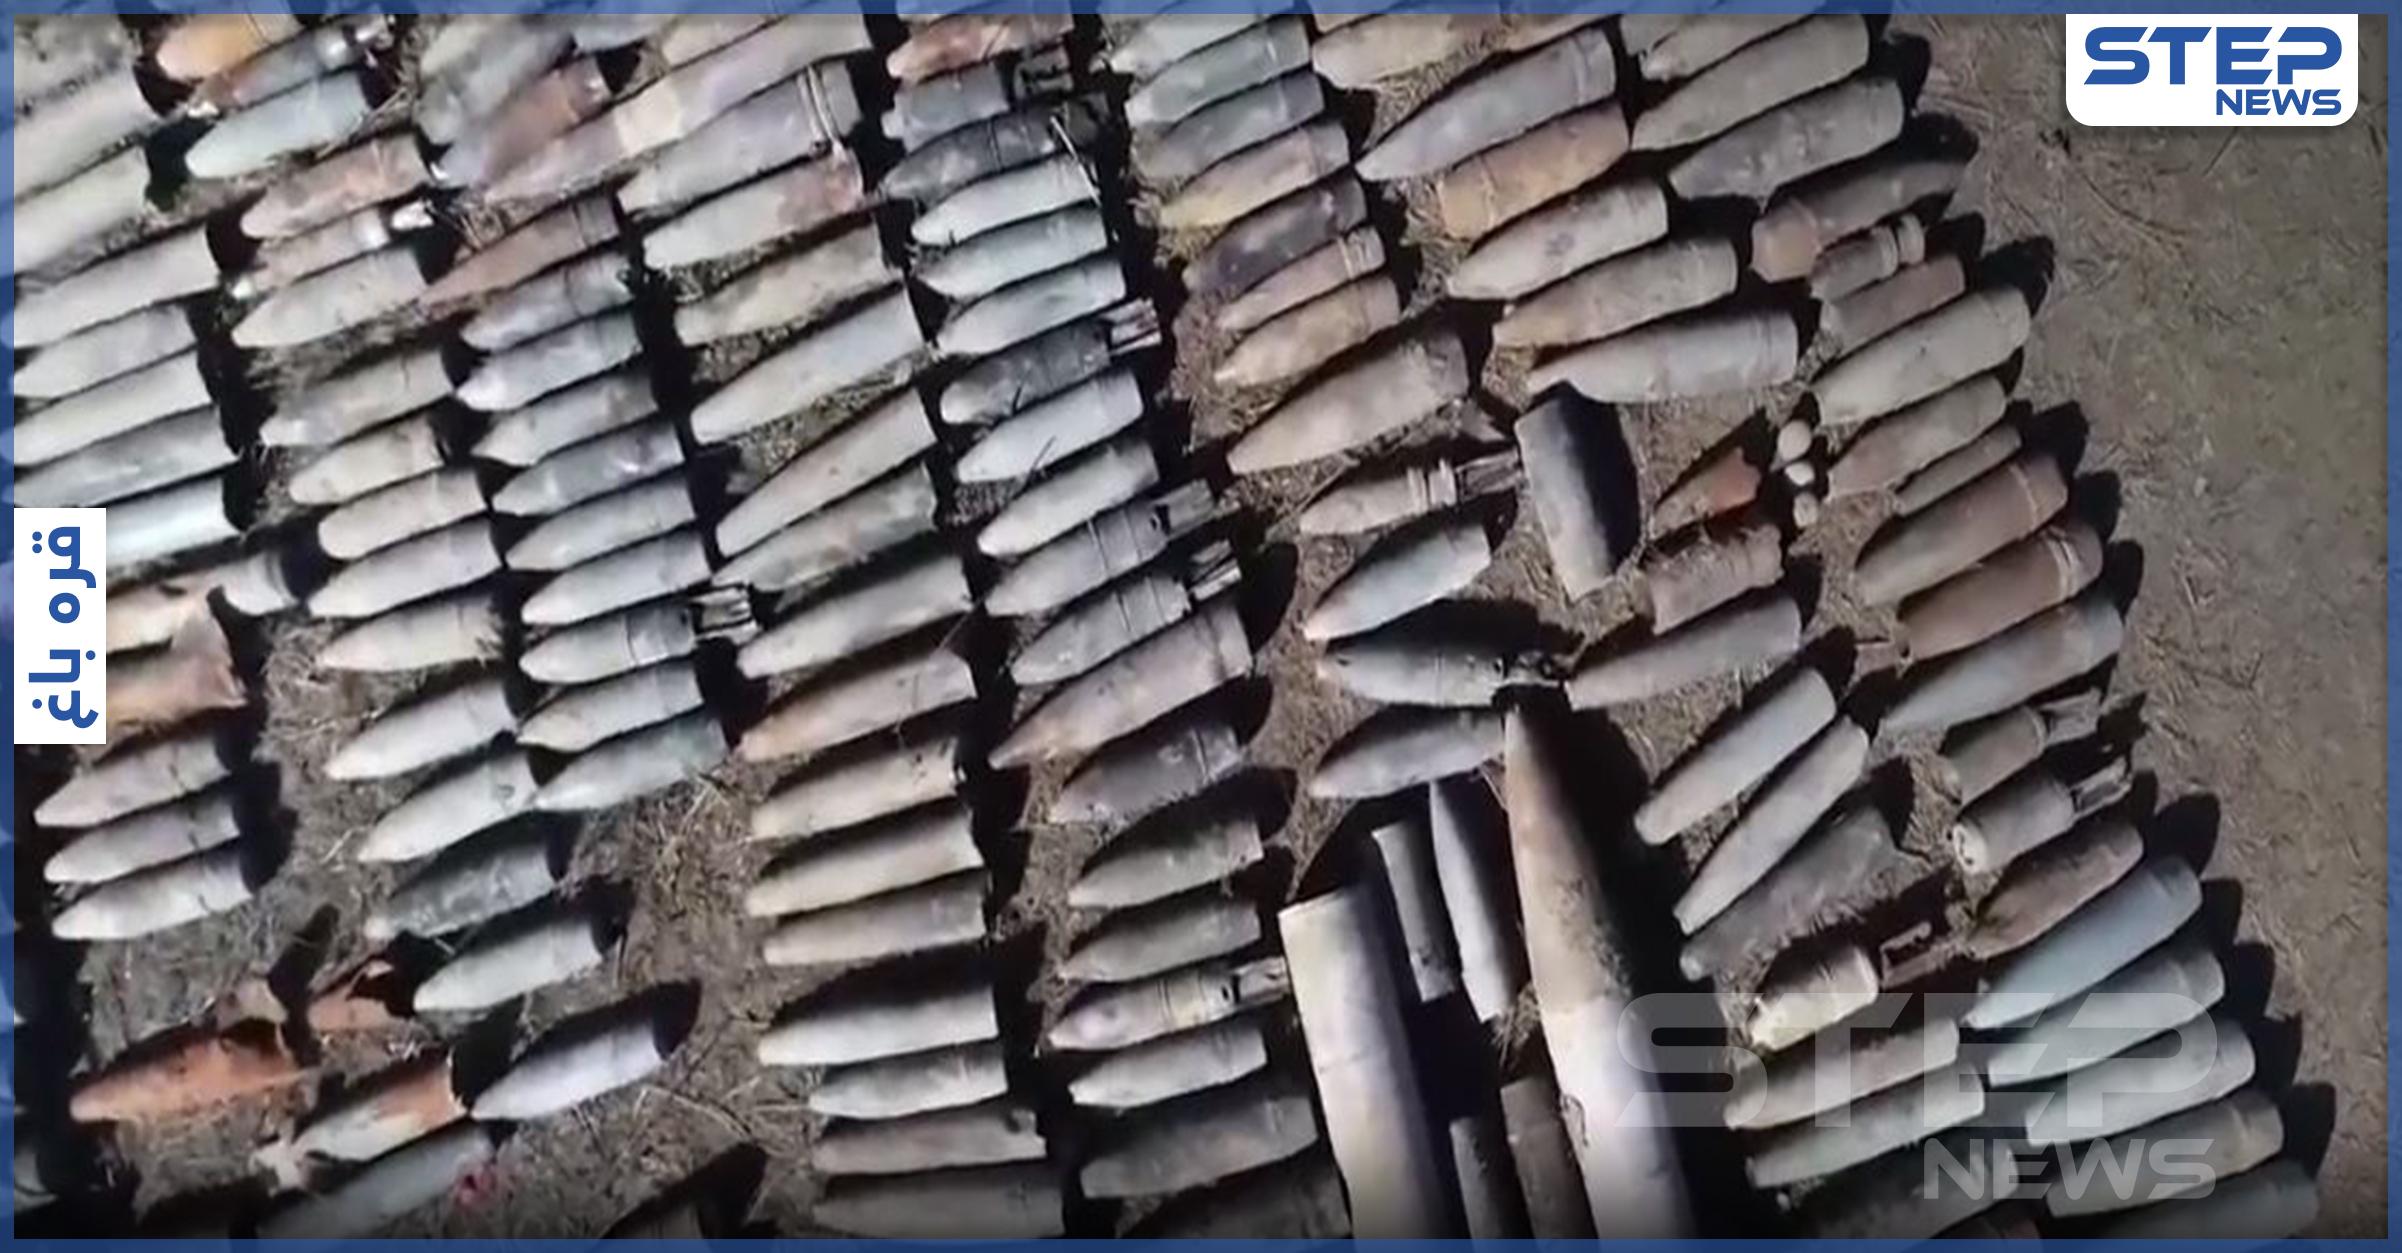 بالفيديو || القوات الروسية تدمّر ذخيرة ضخمة في قره باغ وبوتين يشير إلى خطوات مهمة هناك